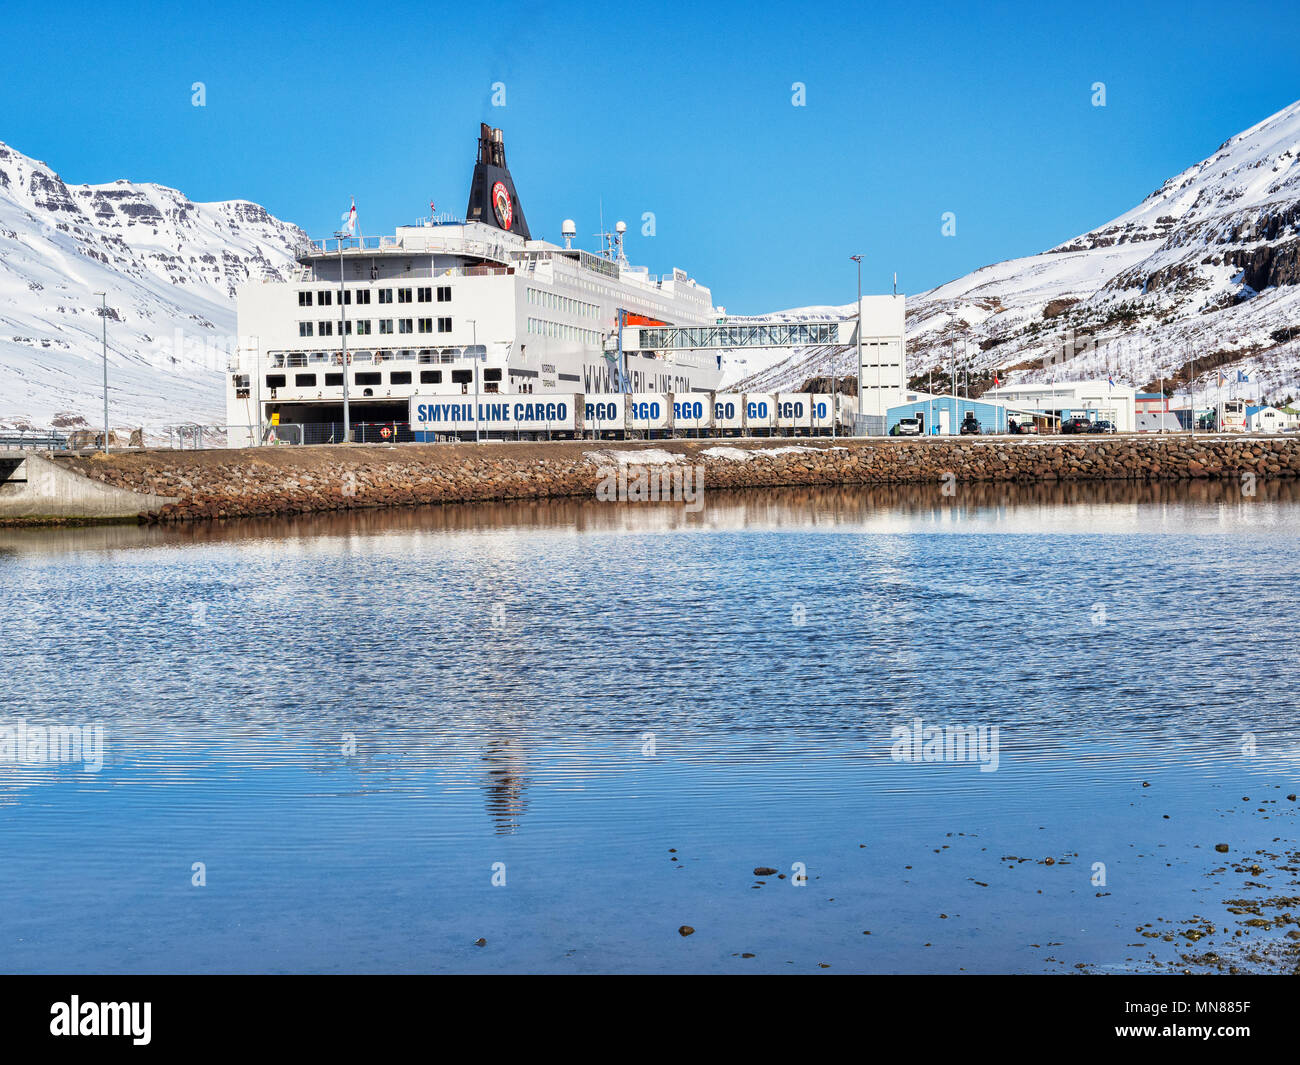 11. April 2018: Seydisfjördur, Osten Island - Smyril Line Fähre MS Norrona im Hafen an einem strahlenden Frühlingstag. Stockbild